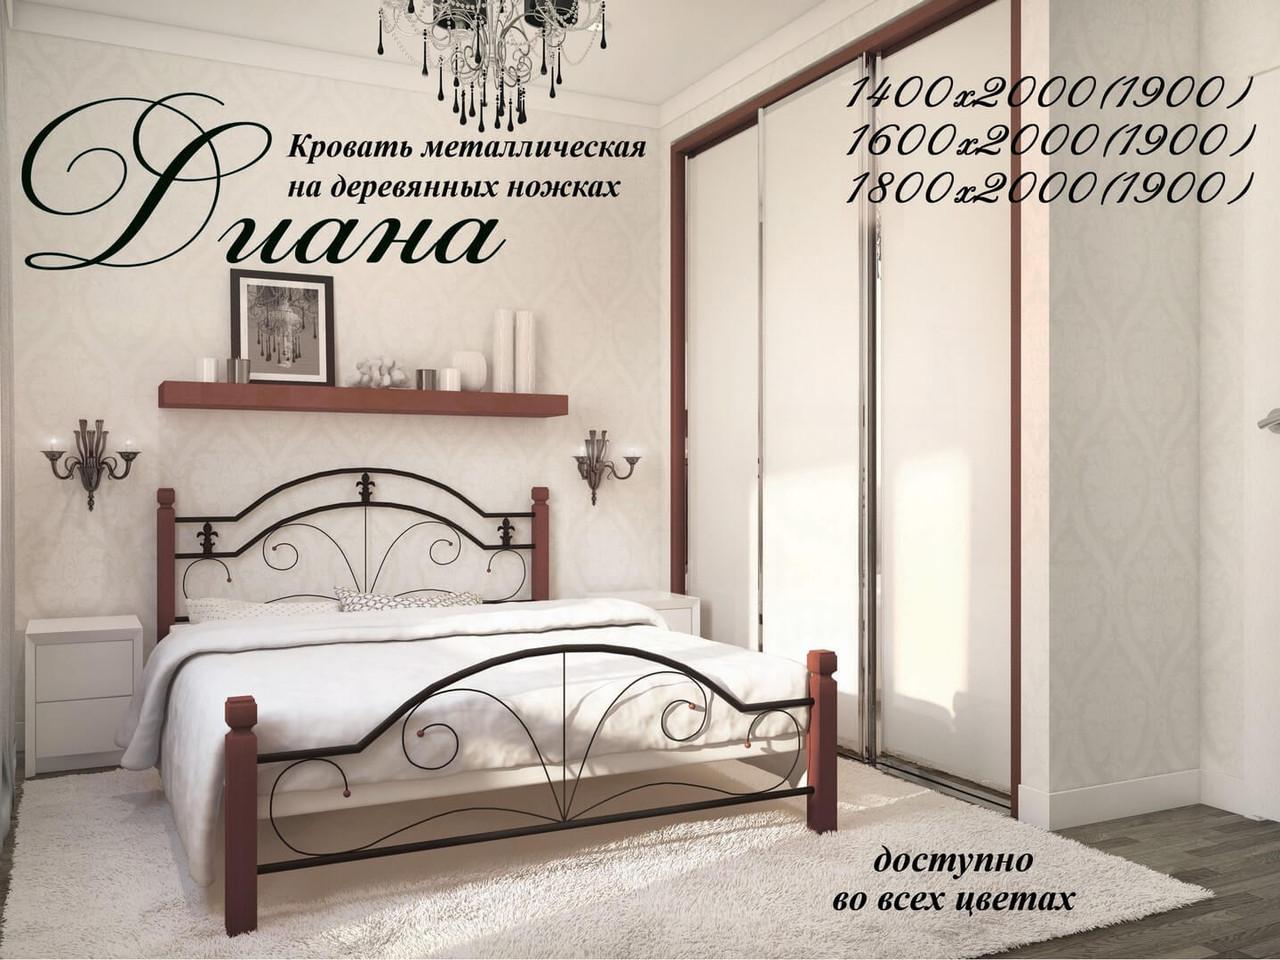 Кровать металлическая Диана на деревянных ногах . ТМ Металл-Дизайн